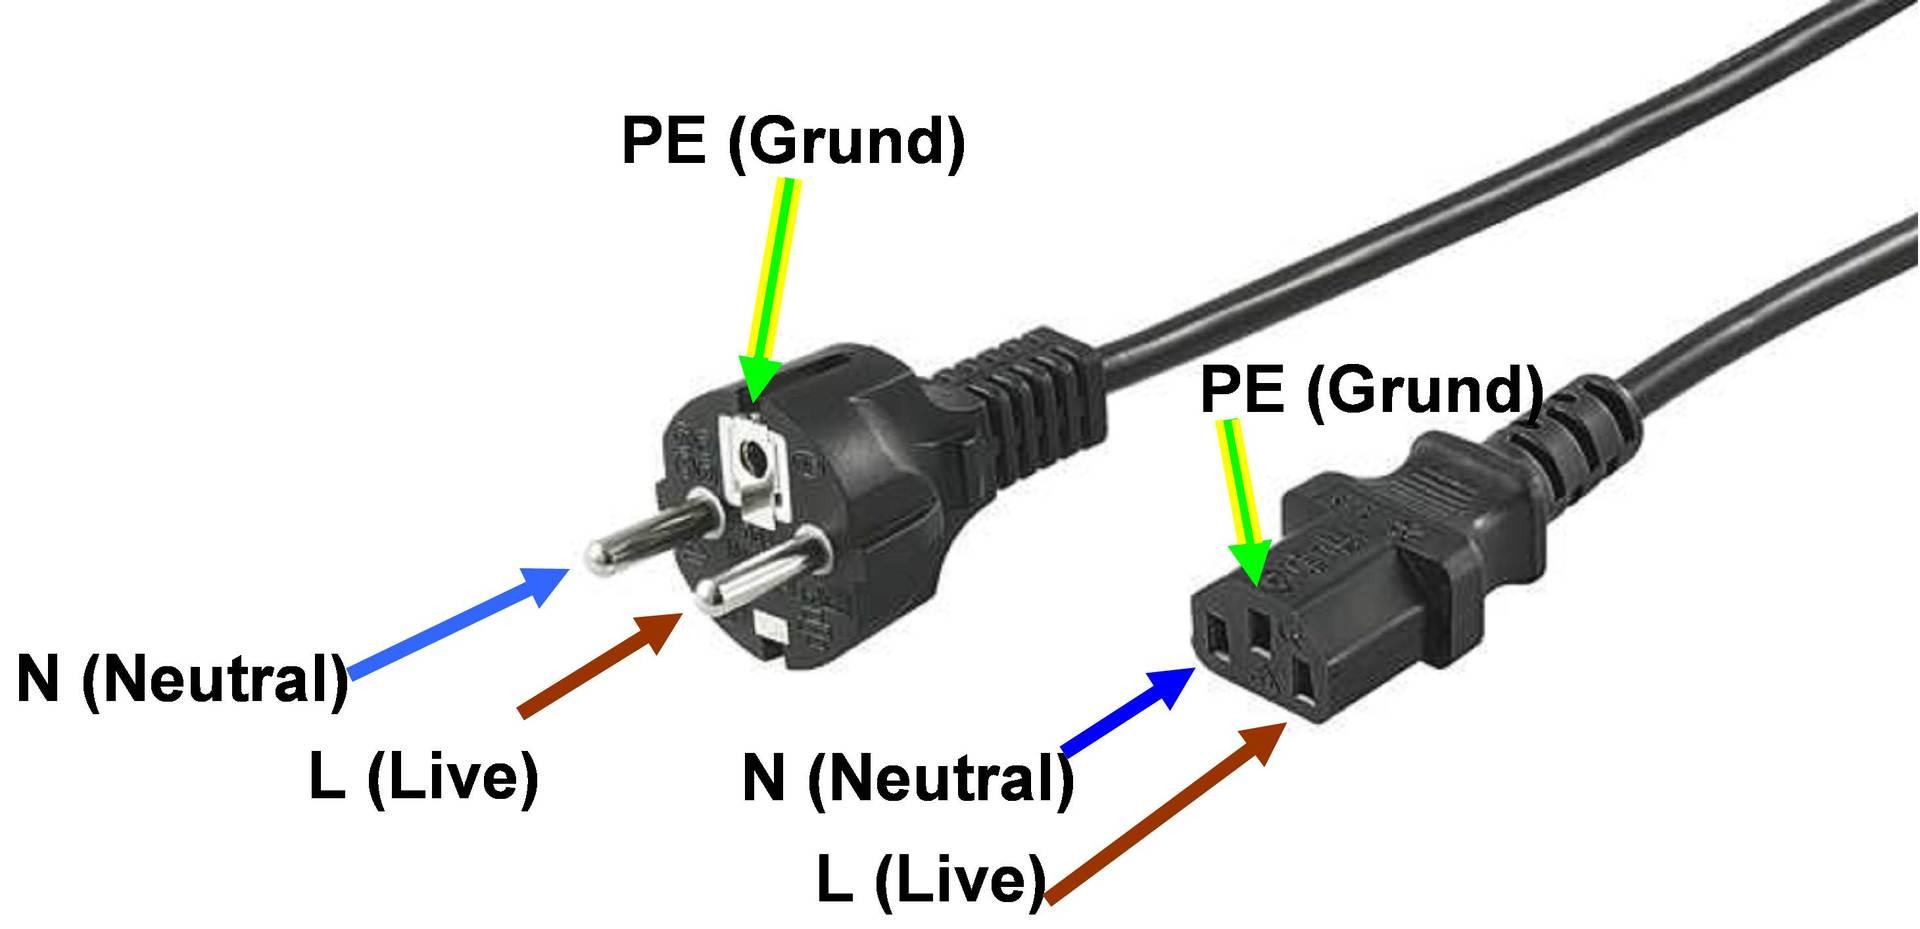 Niedlich Stecker Zu Stecker Verkabelung Bilder - Elektrische ...